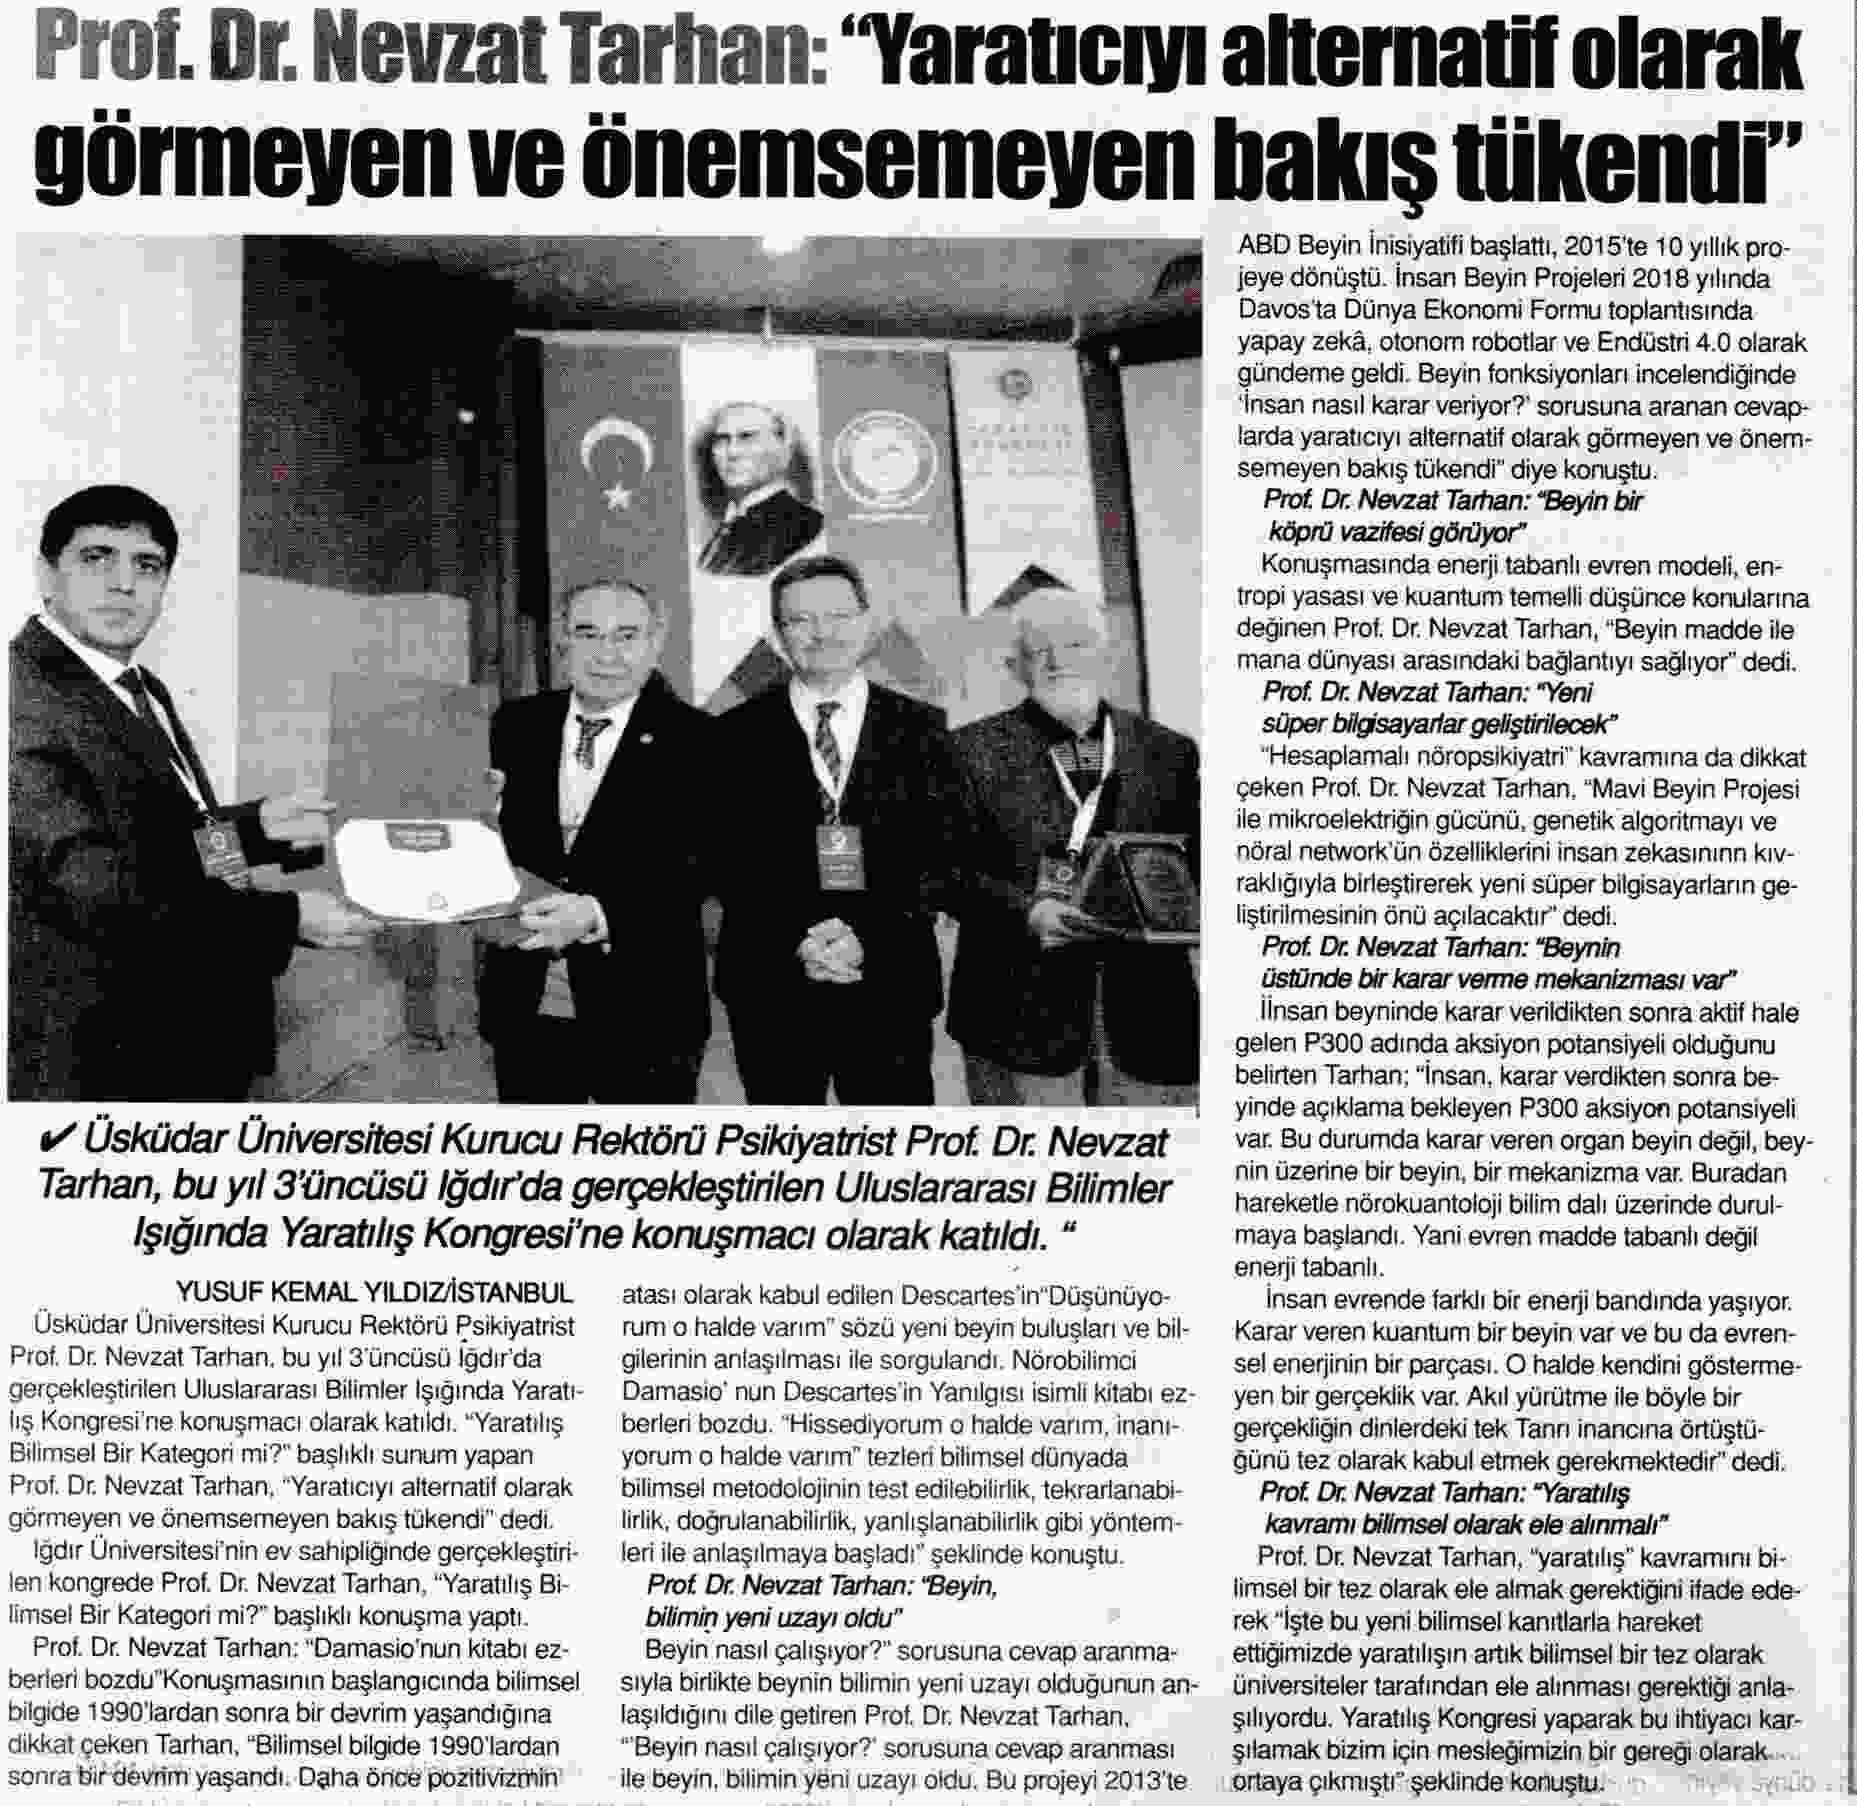 PROF. DR. NEVZAT TARTIAN: YARATICIYI ALTERNATİF OLARAK GÖRMEYEN VE ÖNEMSEMEYEN BAKIŞ TÜKENDİ